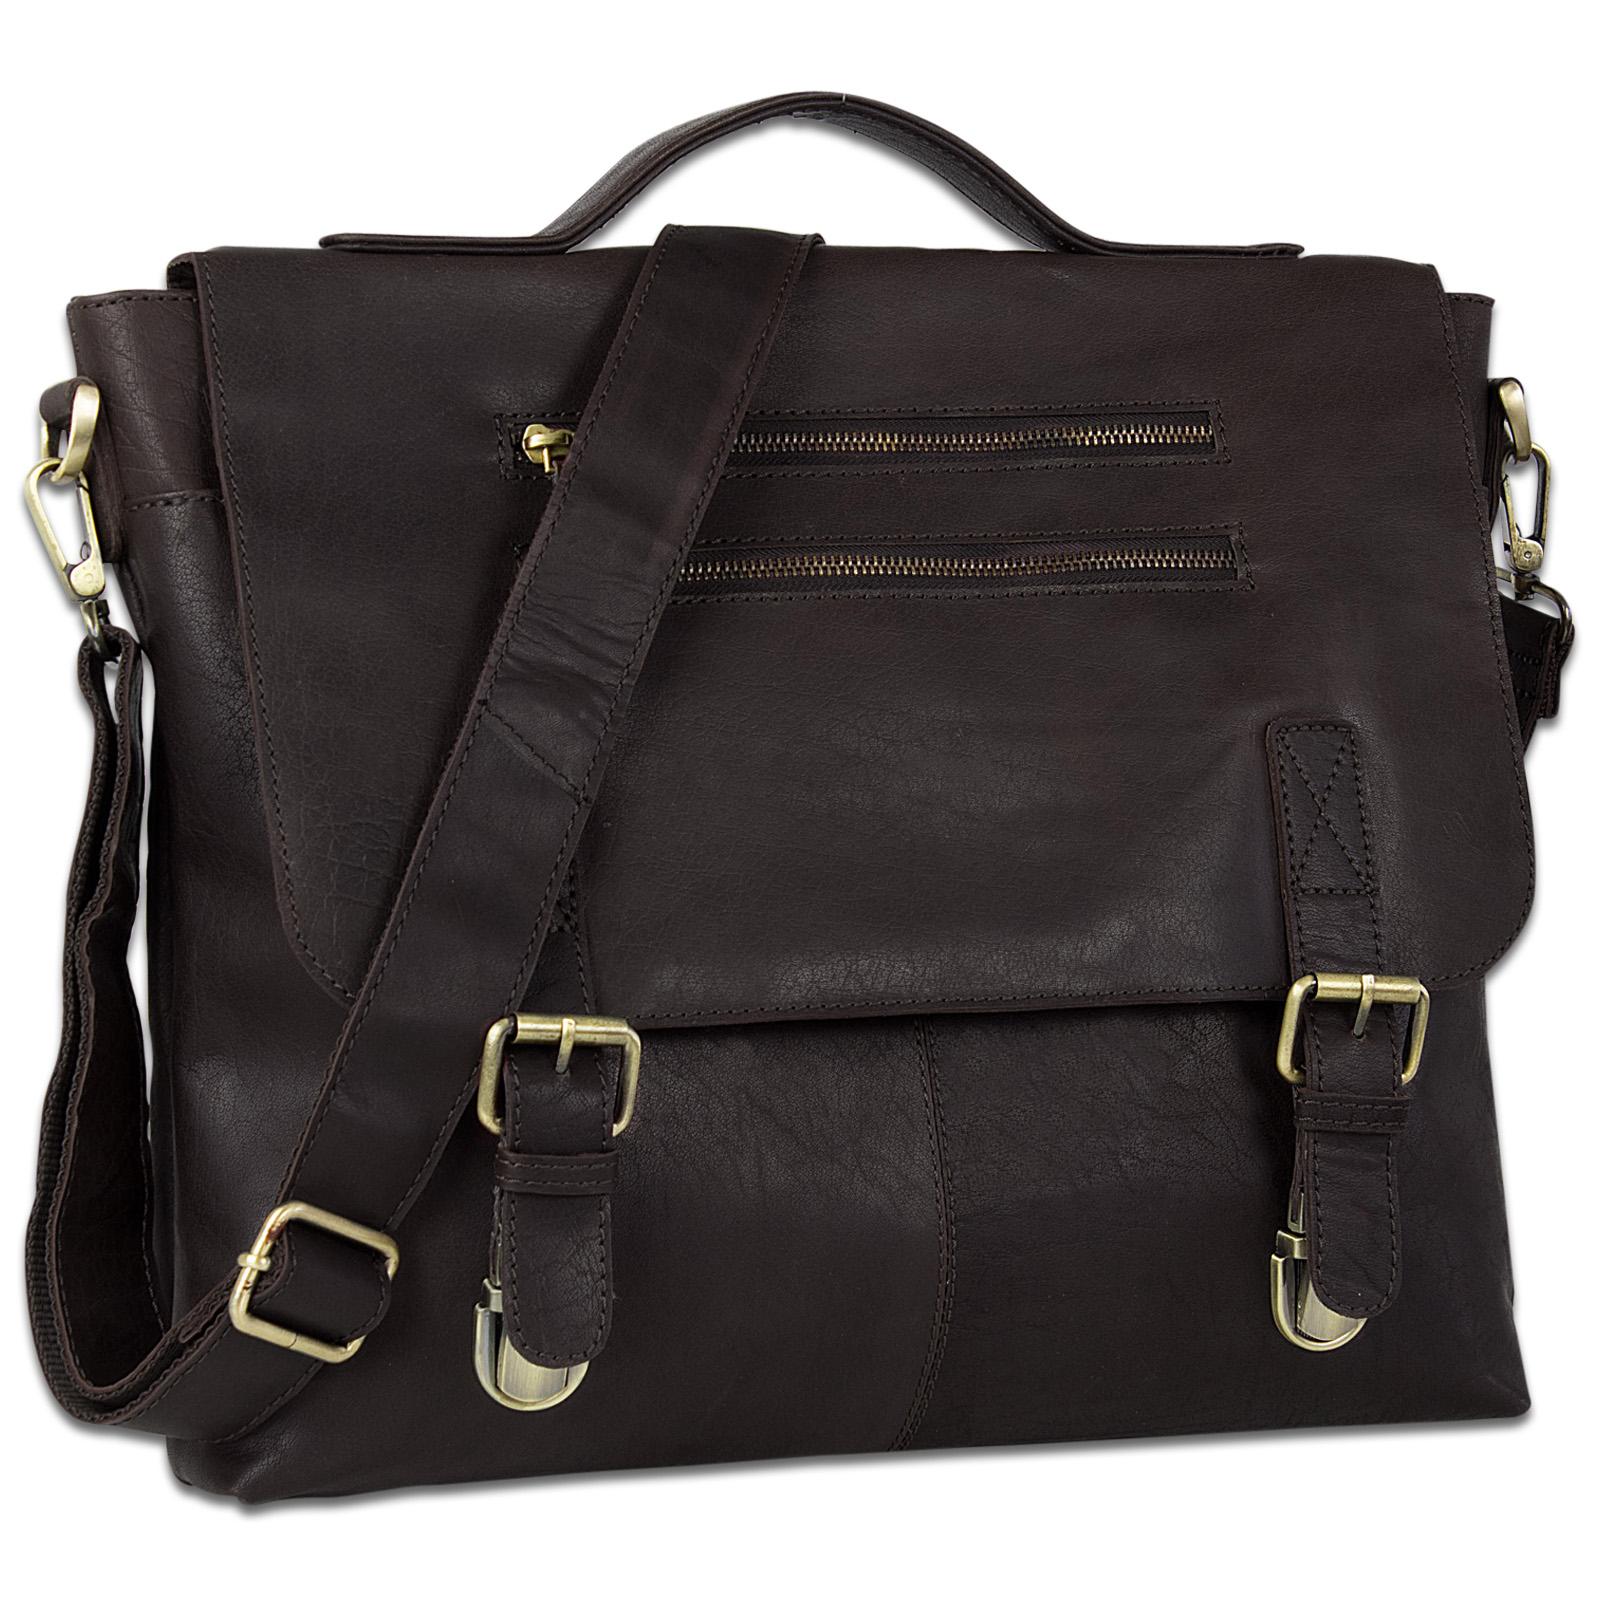 STILORD elegante Aktentasche / Business Tasche / Handtasche Schultertasche Bürotasche Arbeitstasche Vintage Echtleder Braun - Bild 1